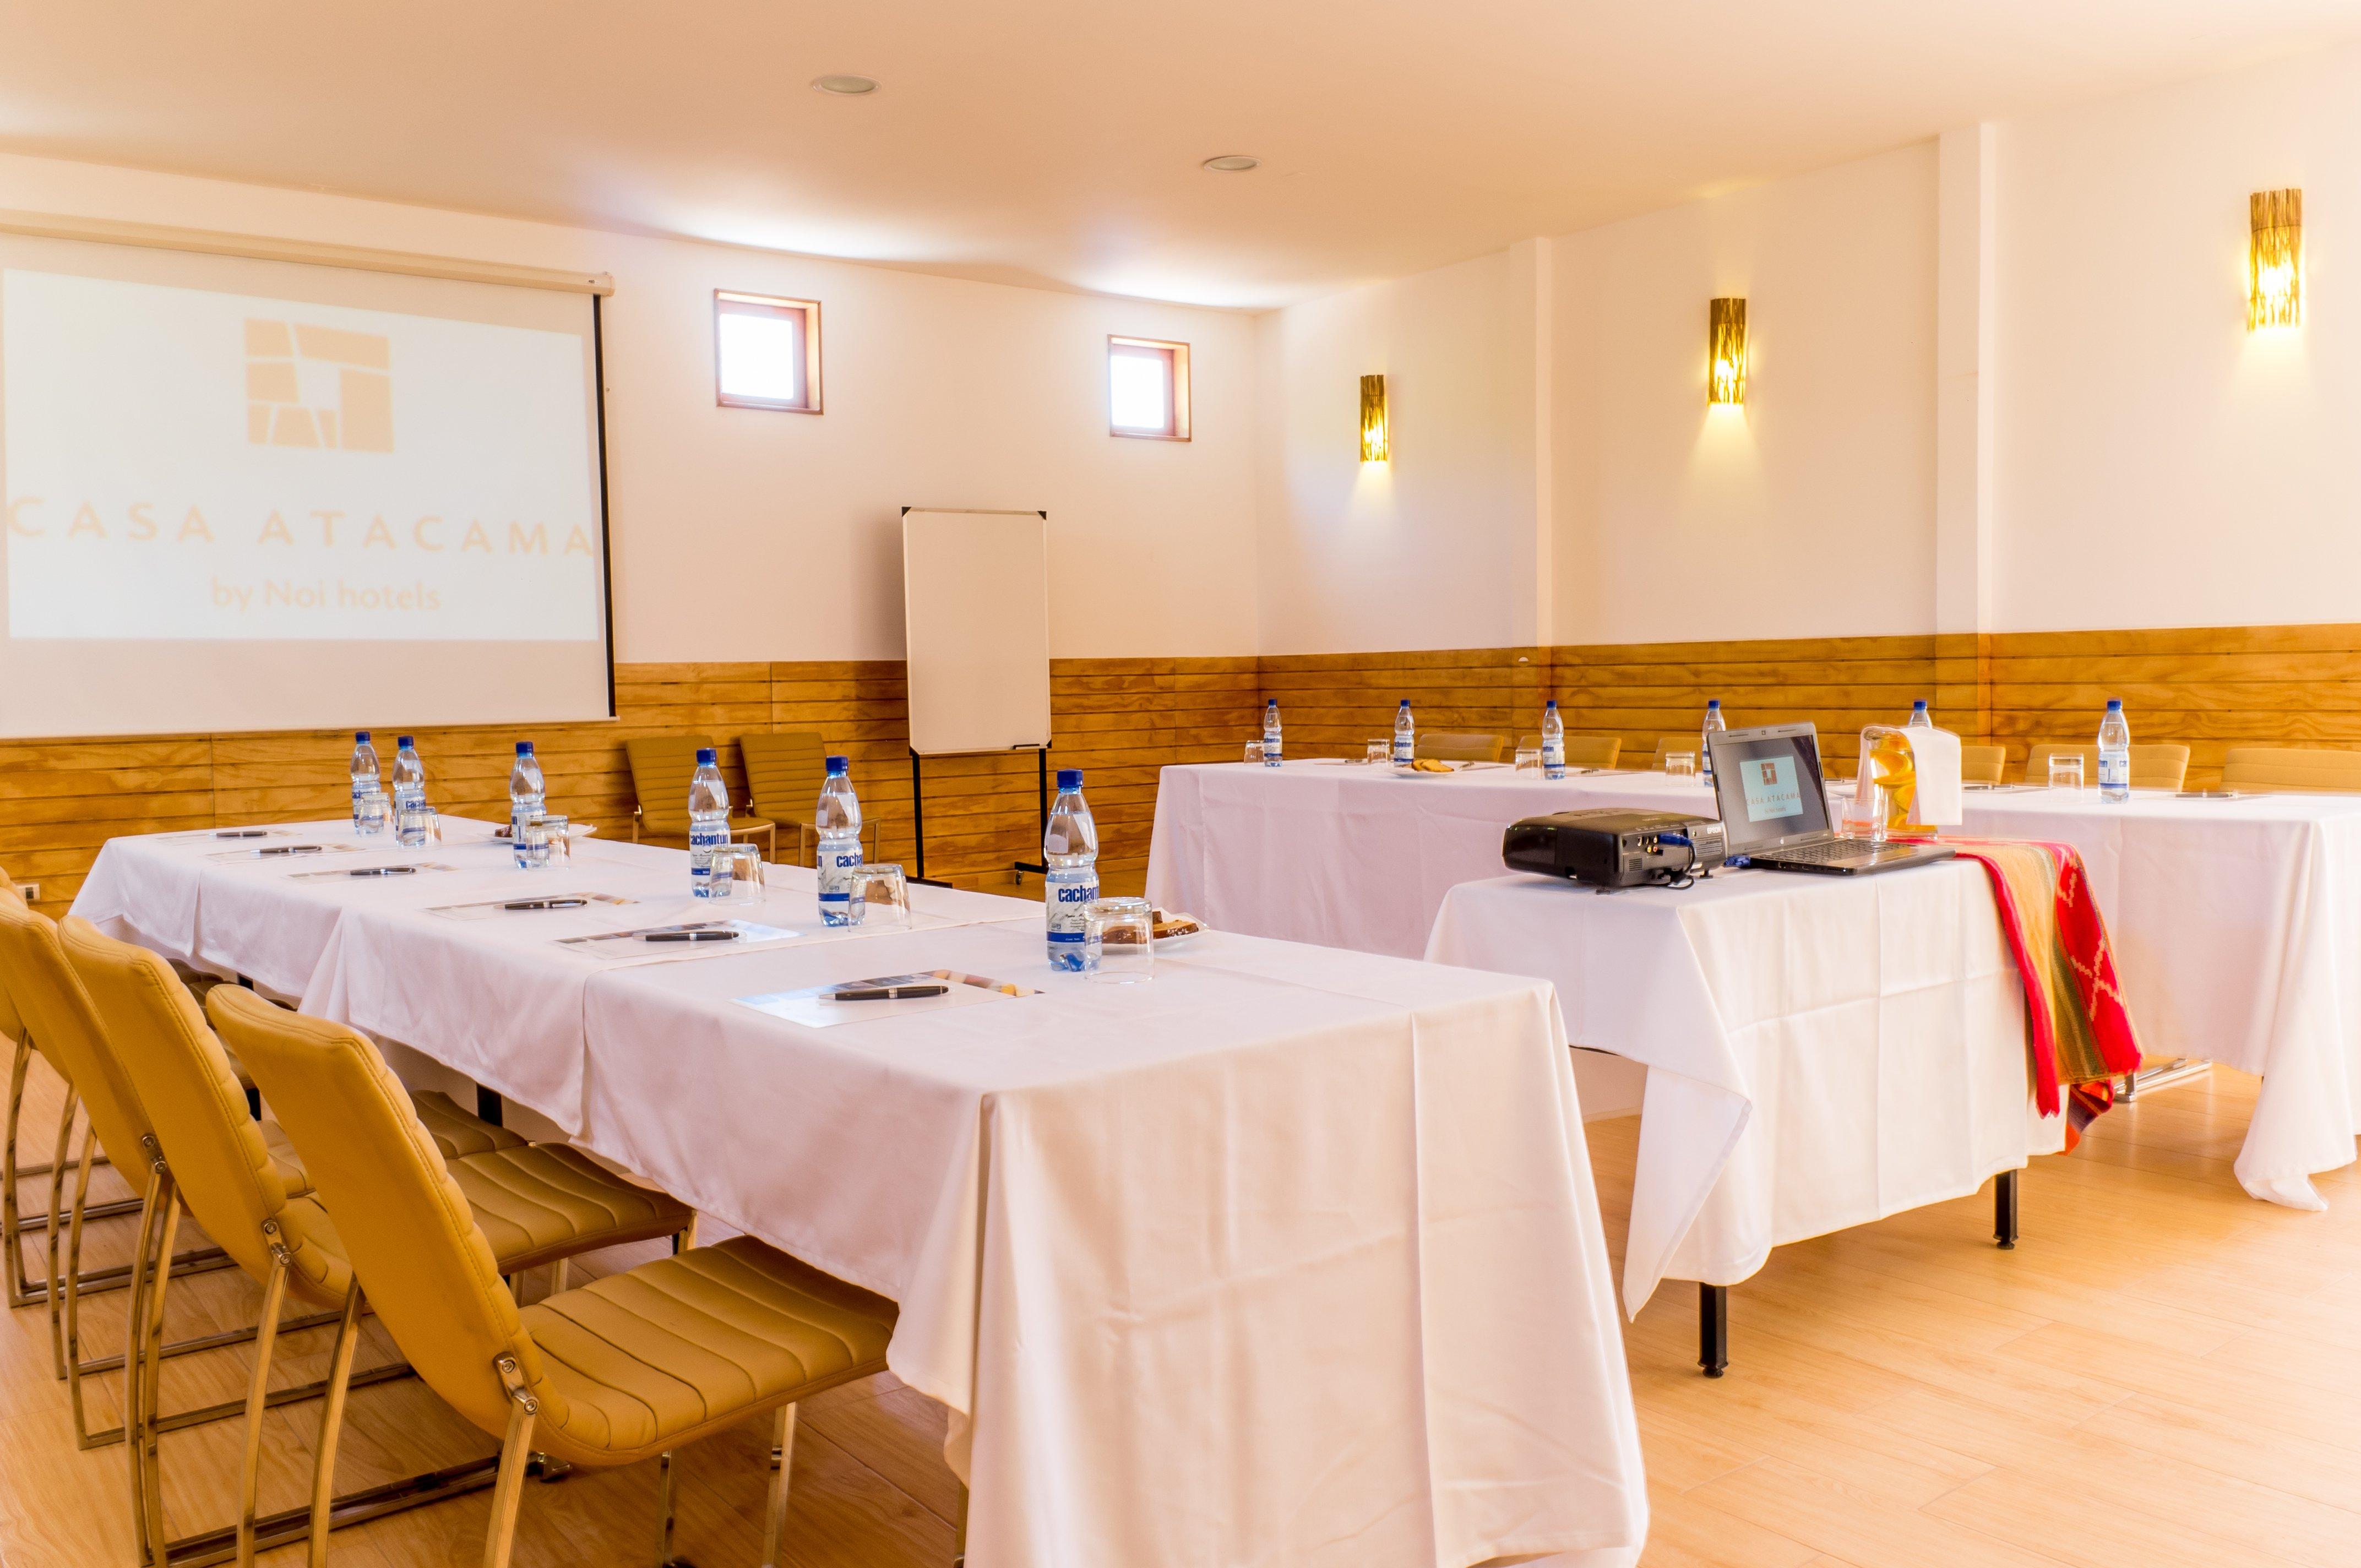 NOI Casa Atacama Meeting Space Class Layout 1